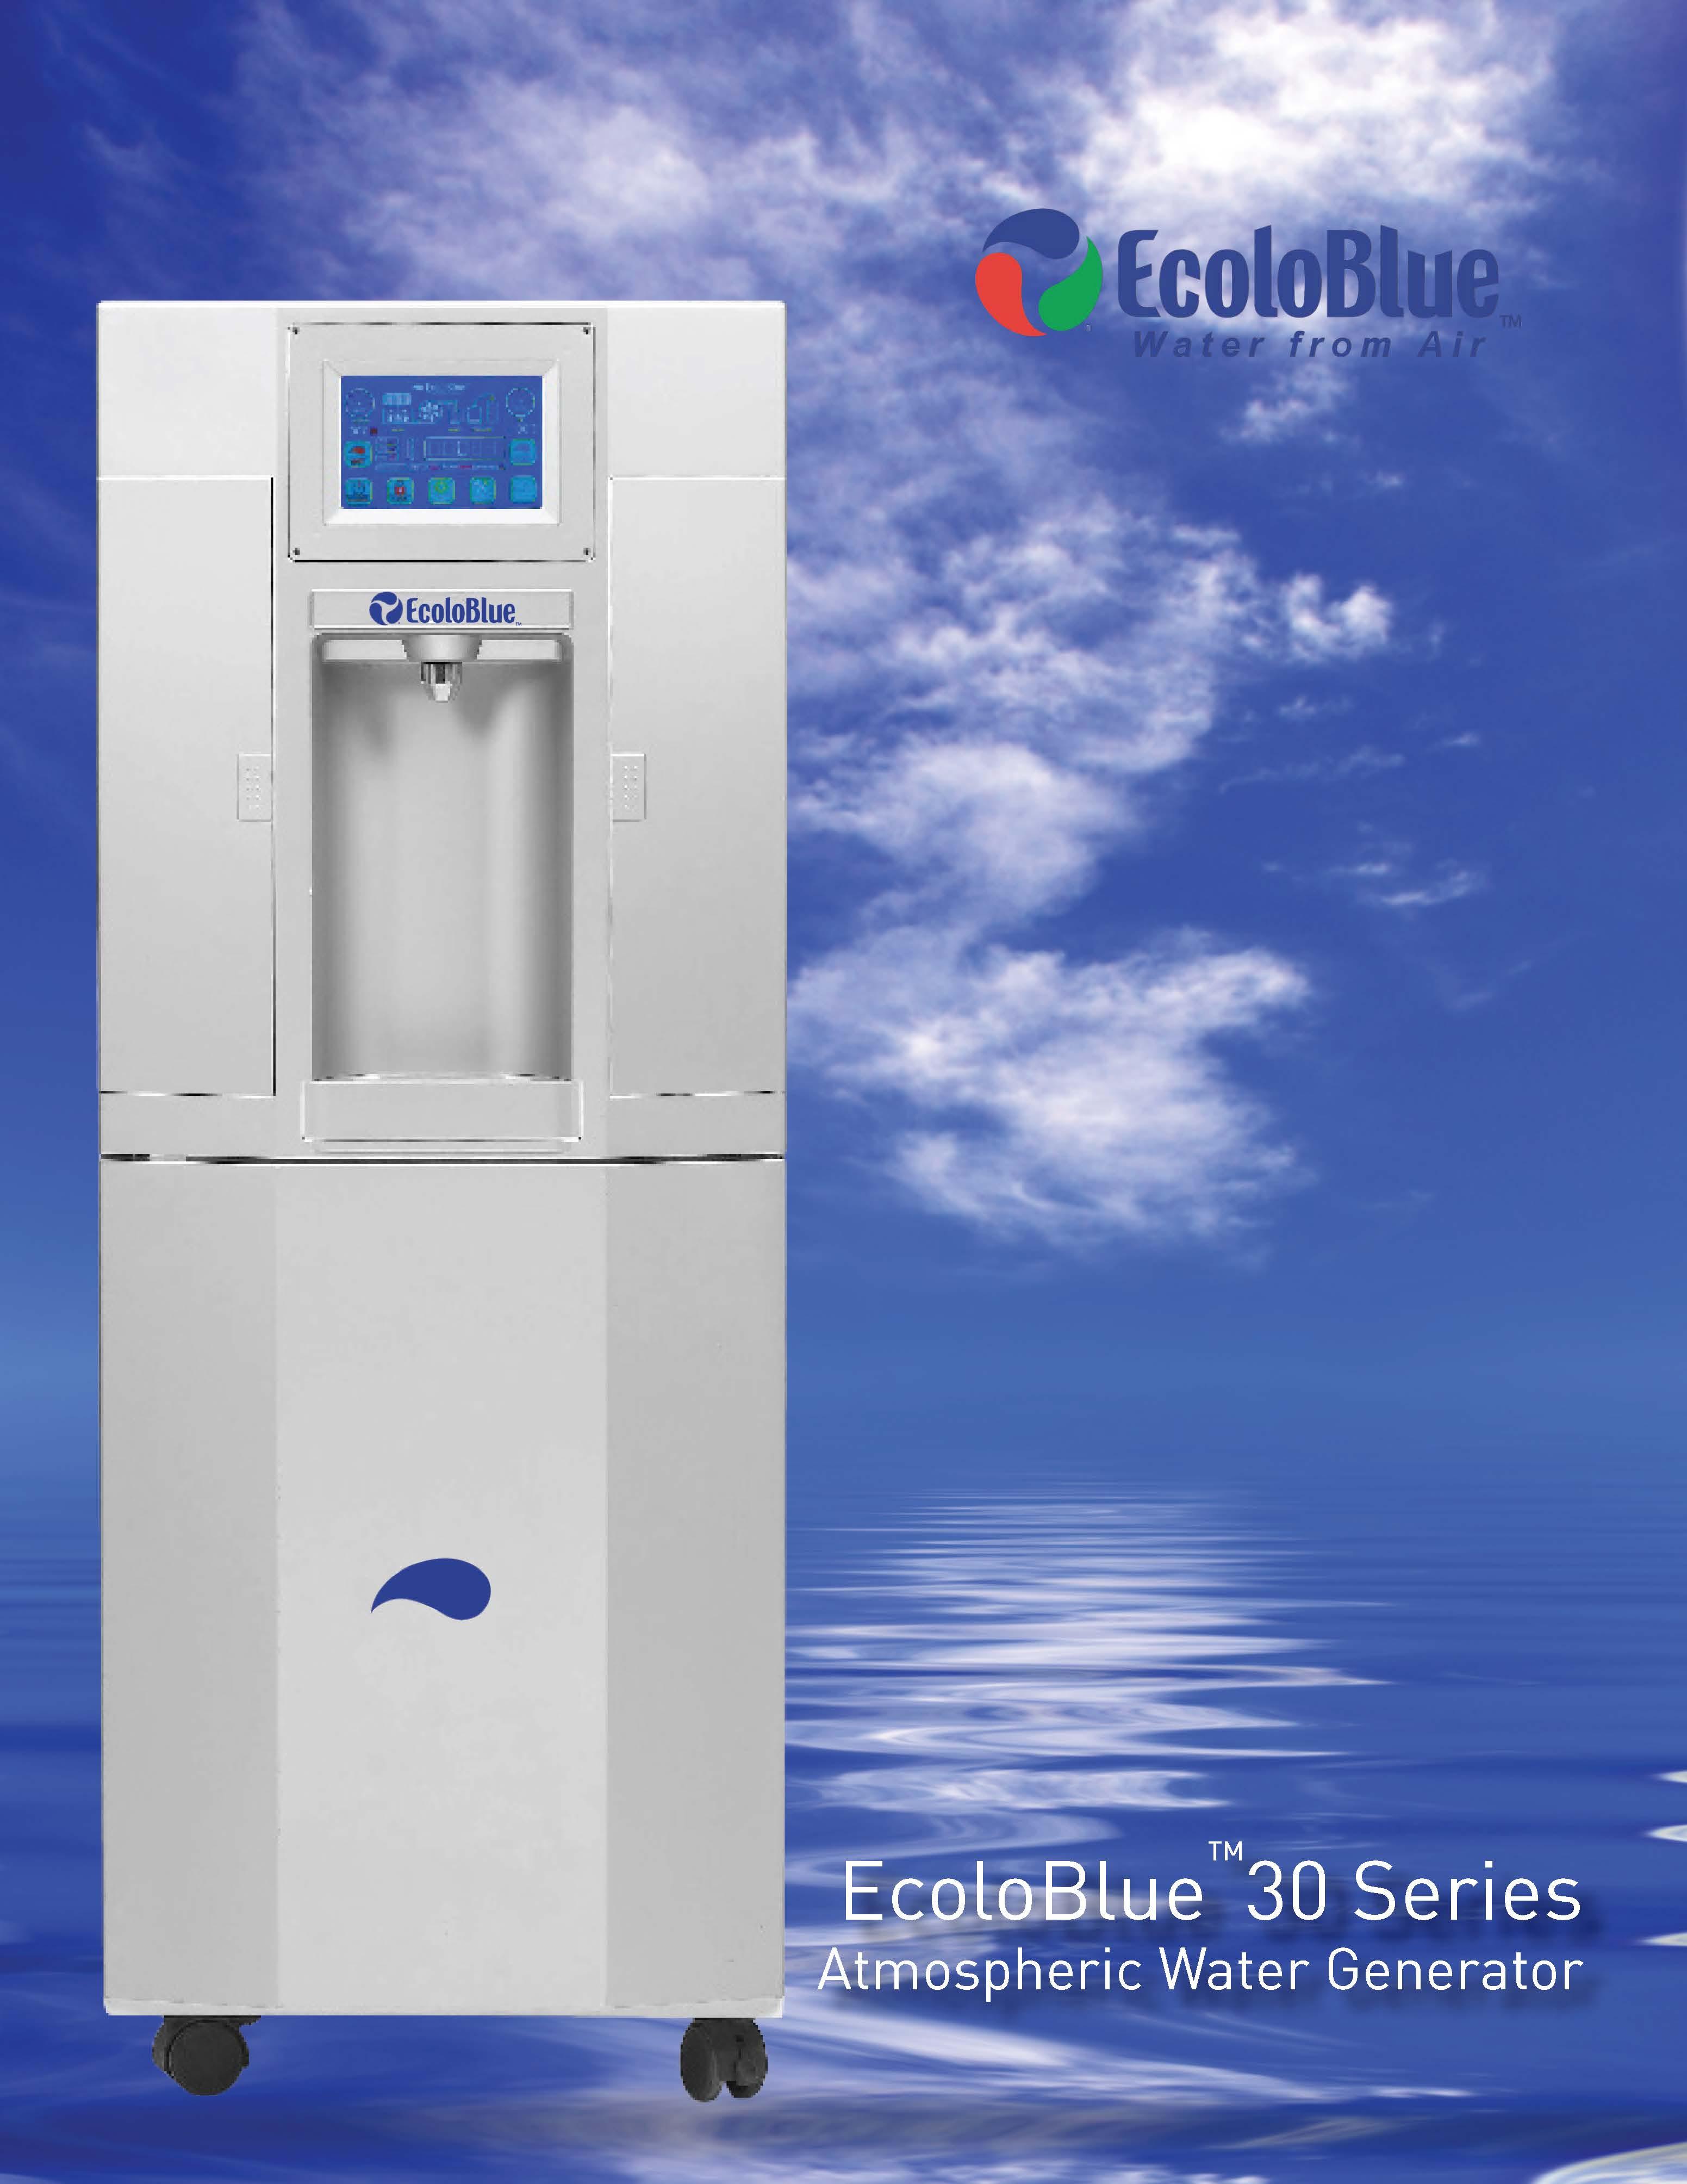 EcoloBlue 30 Series Atmospheric Water Generators